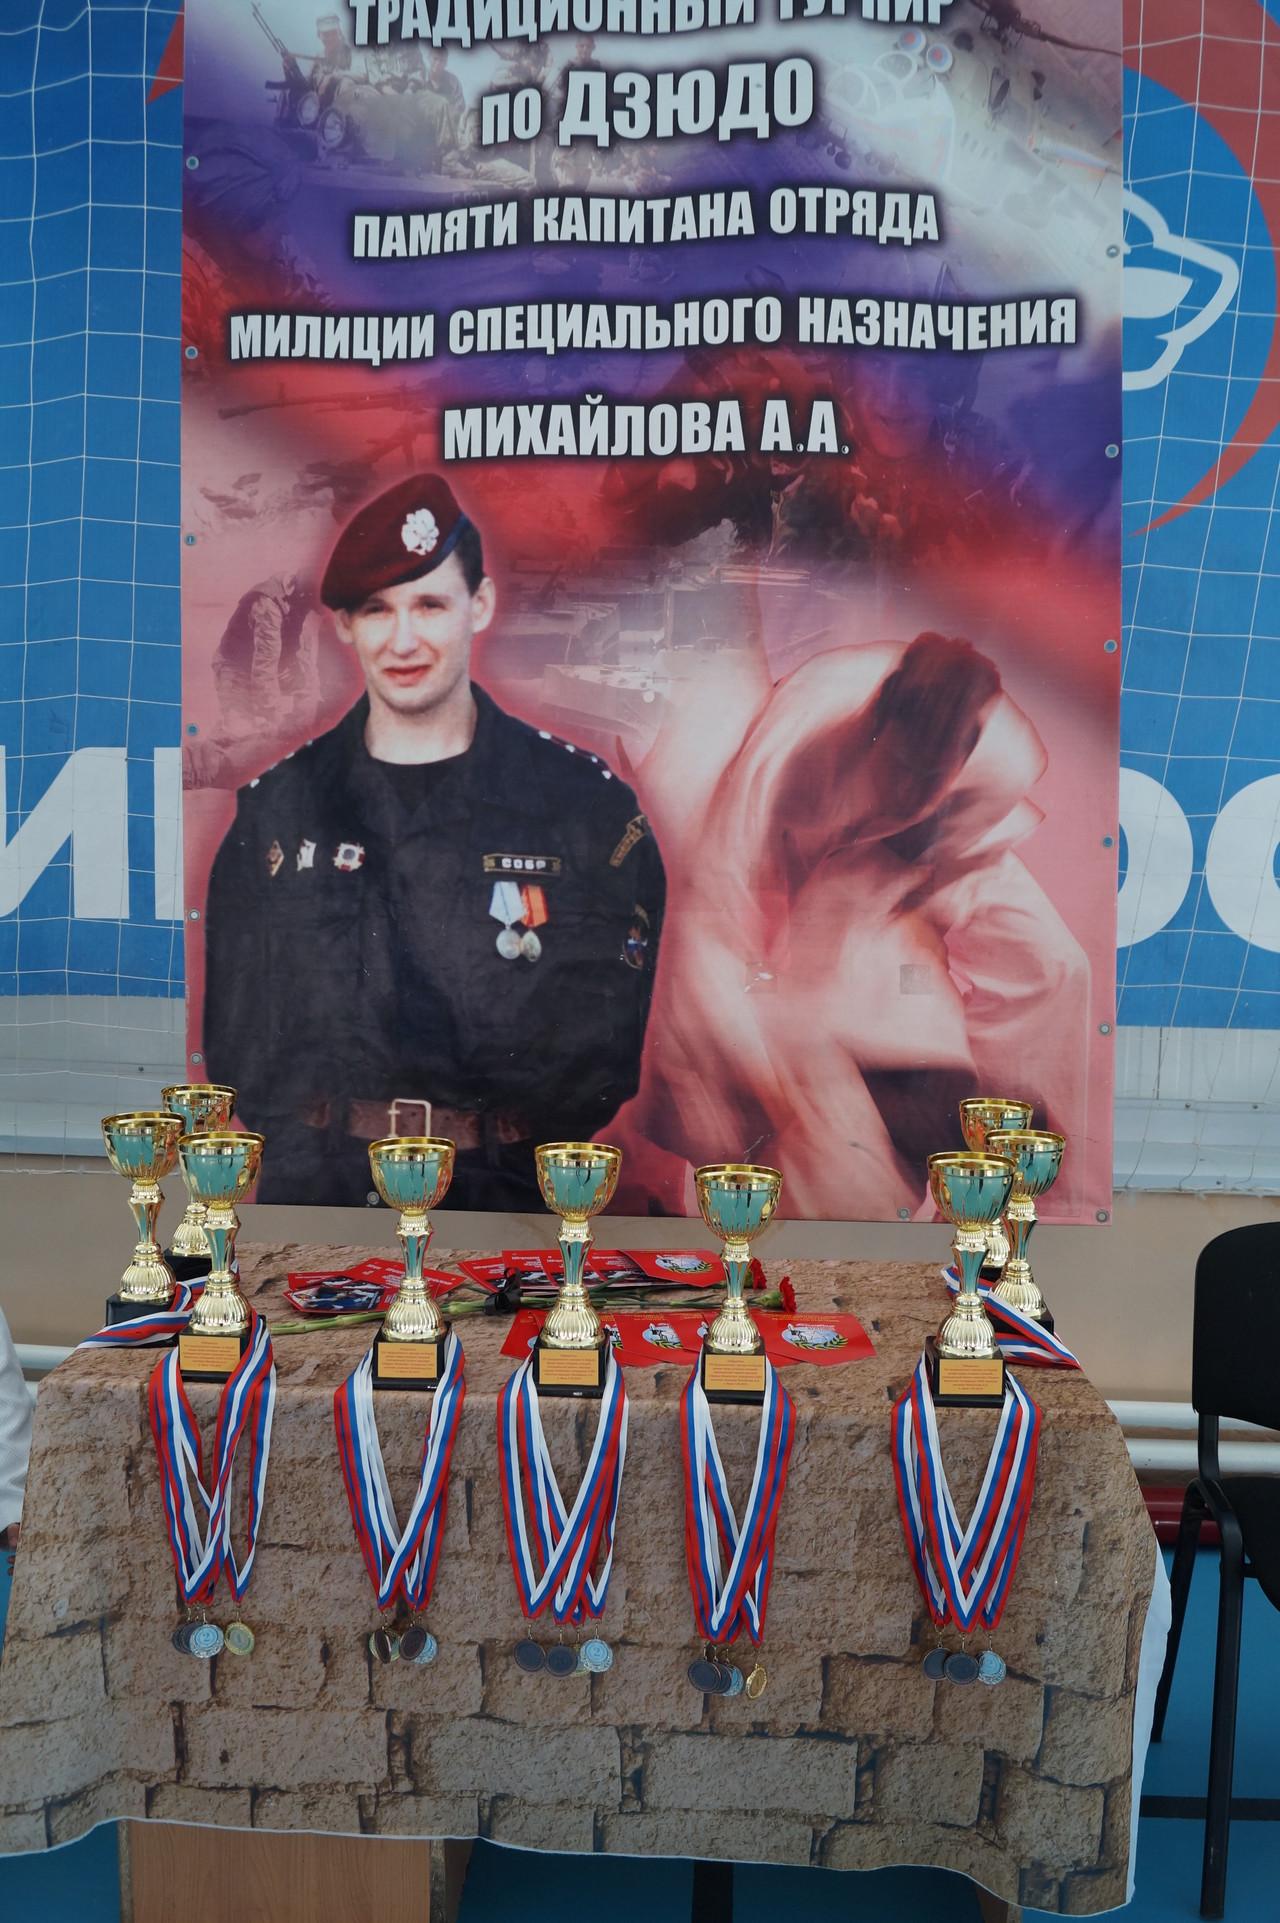 Традиционный турнир по дзюдо, посвященный памяти капитана милиции Алексея Михайлова